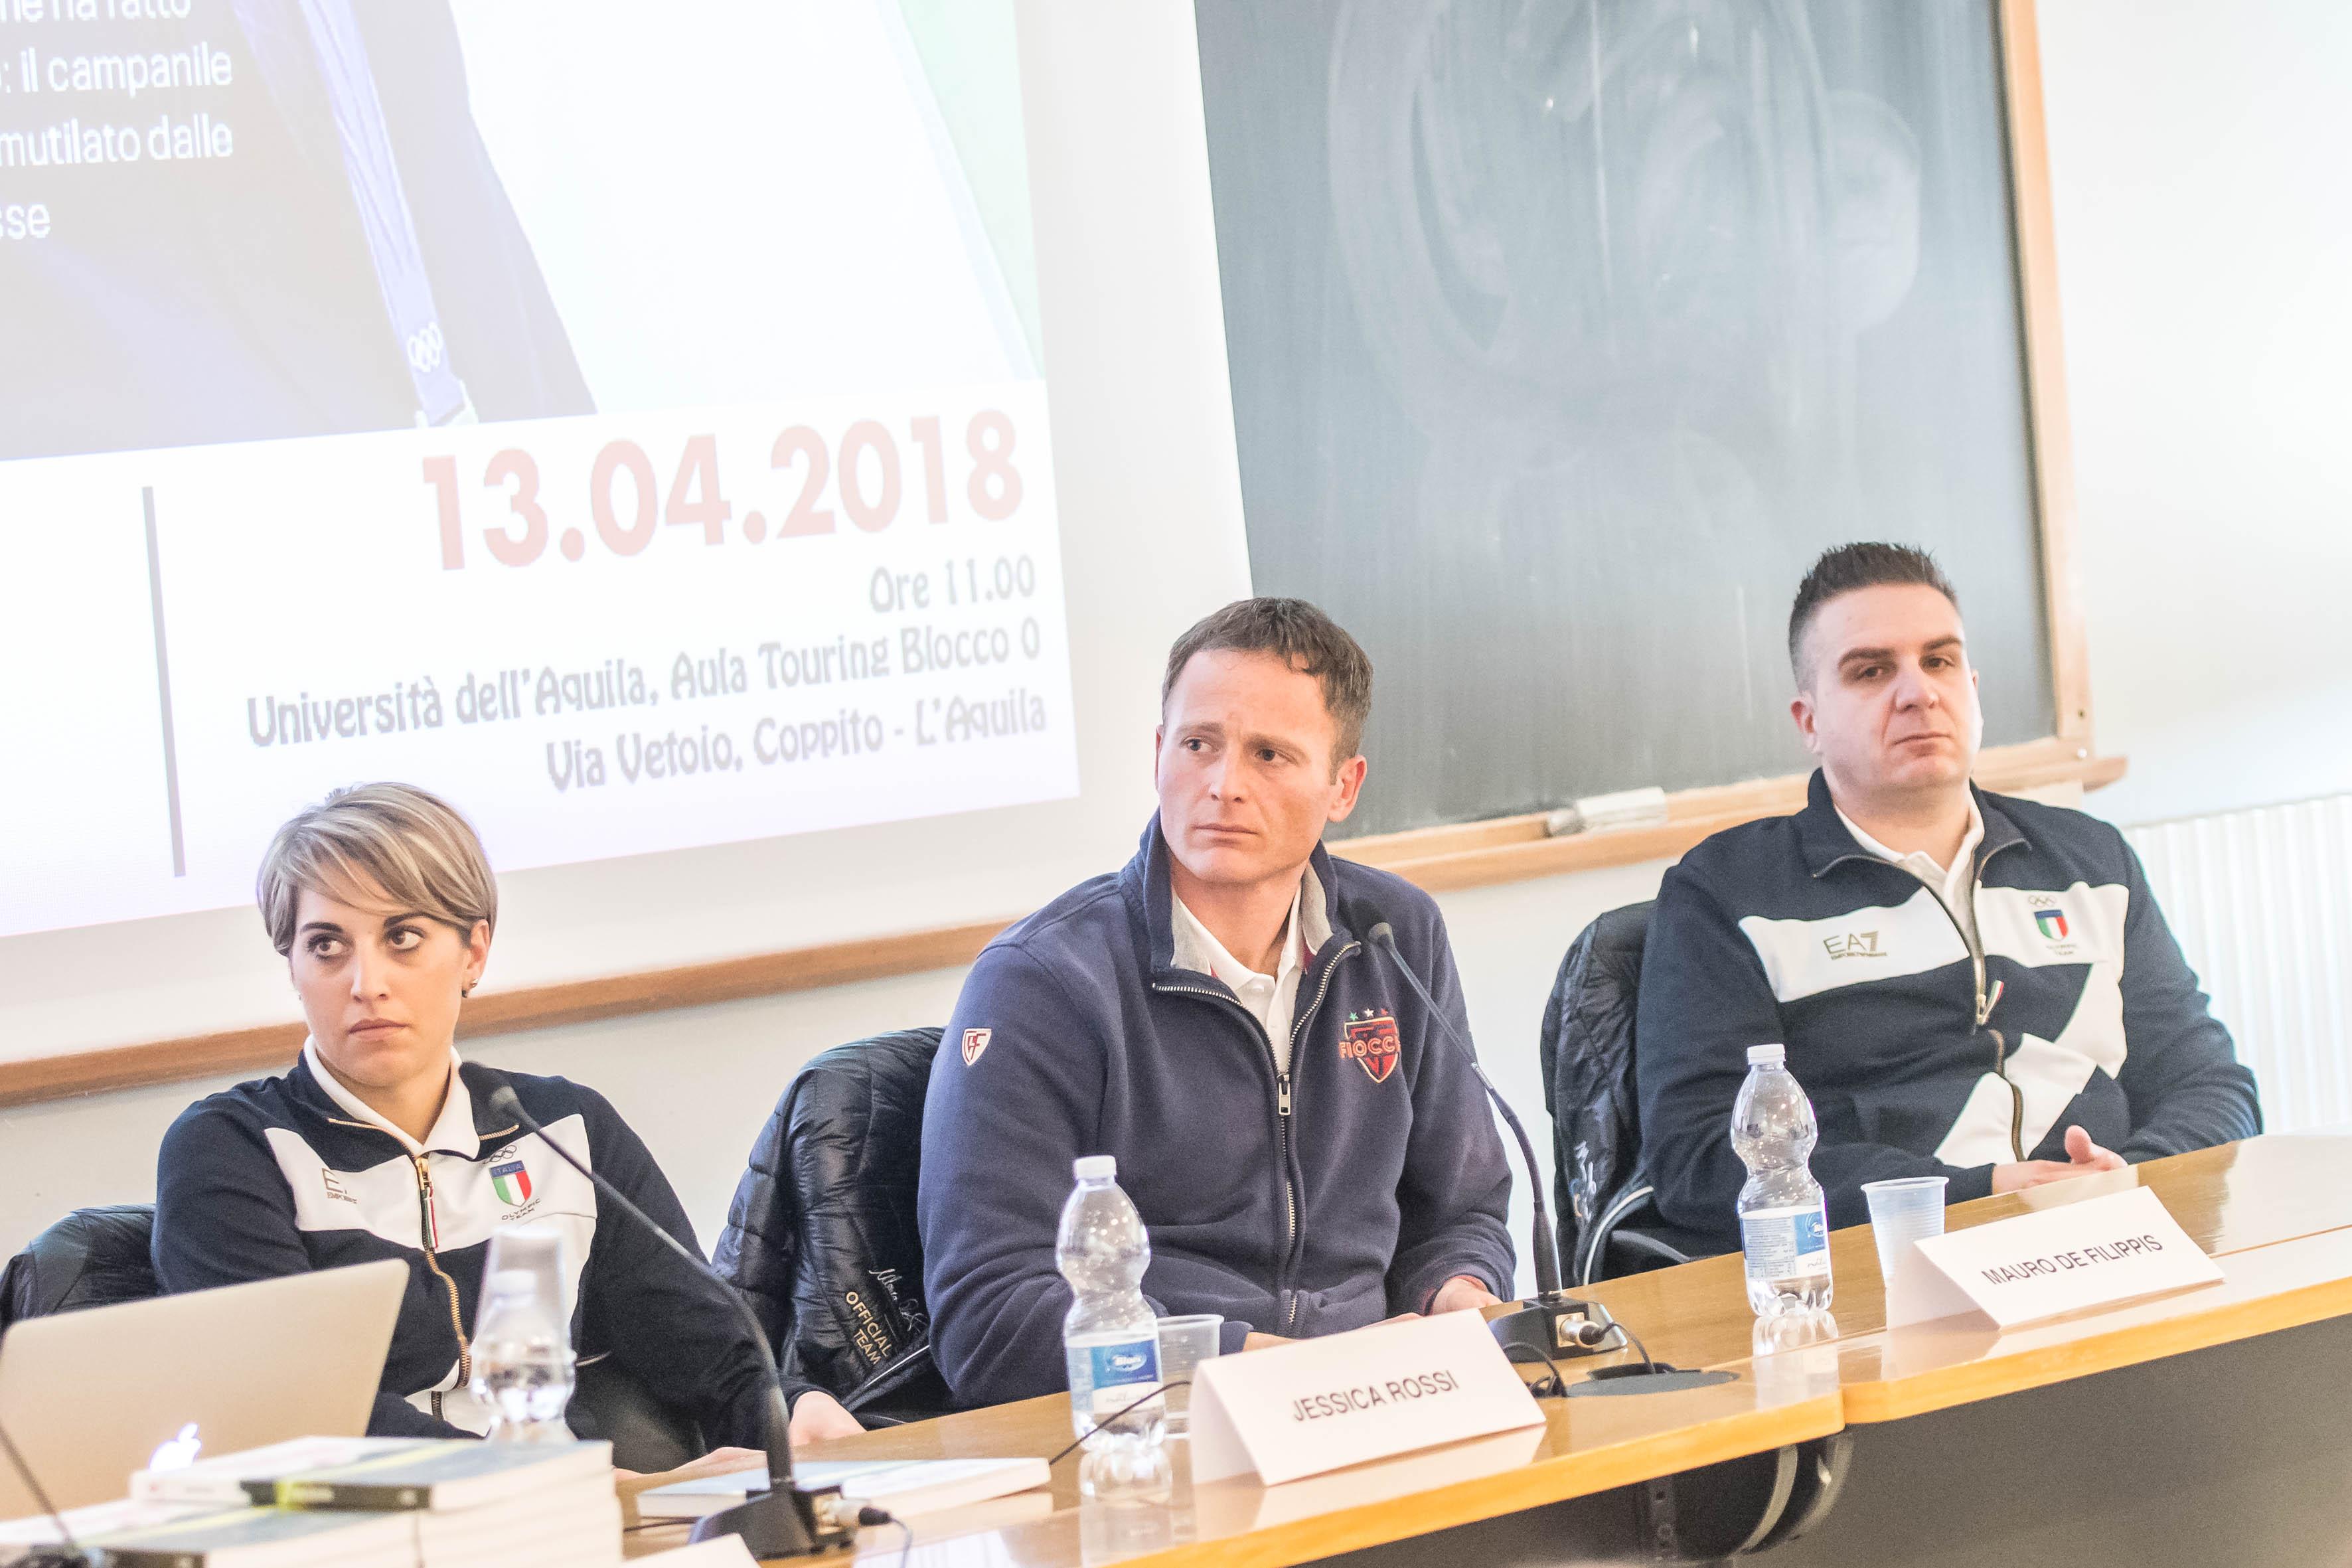 FIOCCHI MEETS 100 STUDENTS IN L'AQUILA